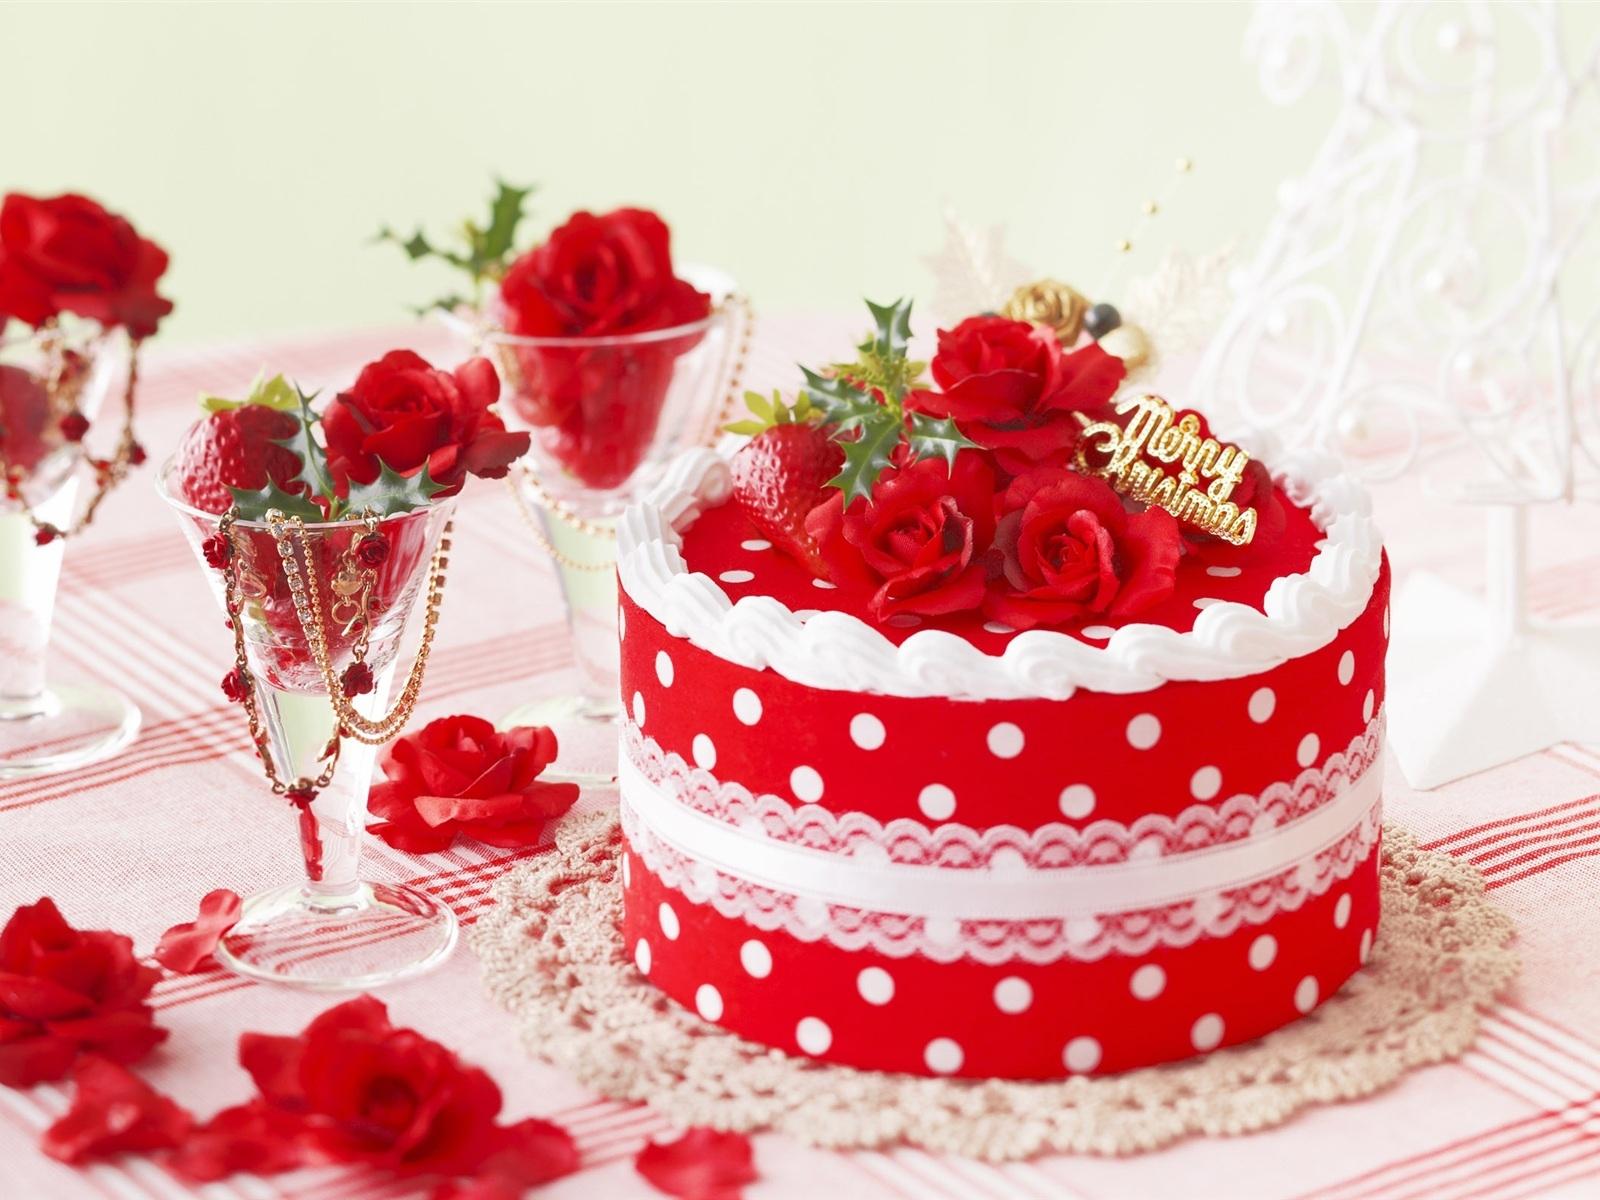 Красивый вкусный торт в день рождения - С Днем Рождения поздравительные картинки